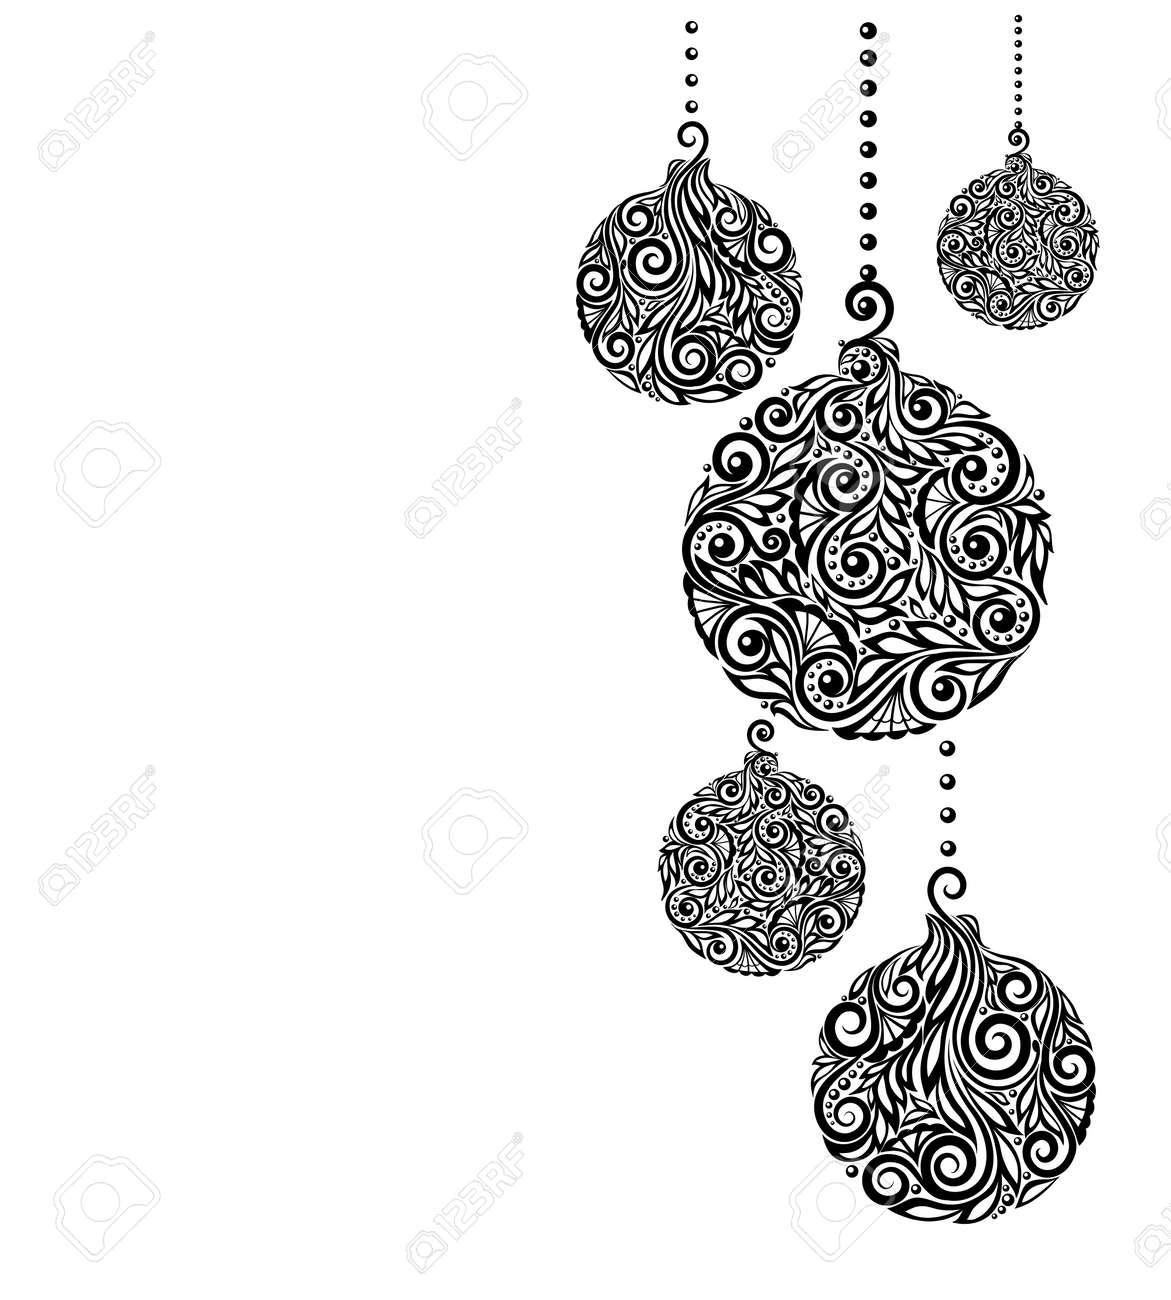 Belle Monochrome Noir Et Blanc Fond De Noel Avec Des Boules De Noel Suspendus Ideal Pour Les Cartes De V Ux Clip Art Libres De Droits Vecteurs Et Illustration Image 34554267